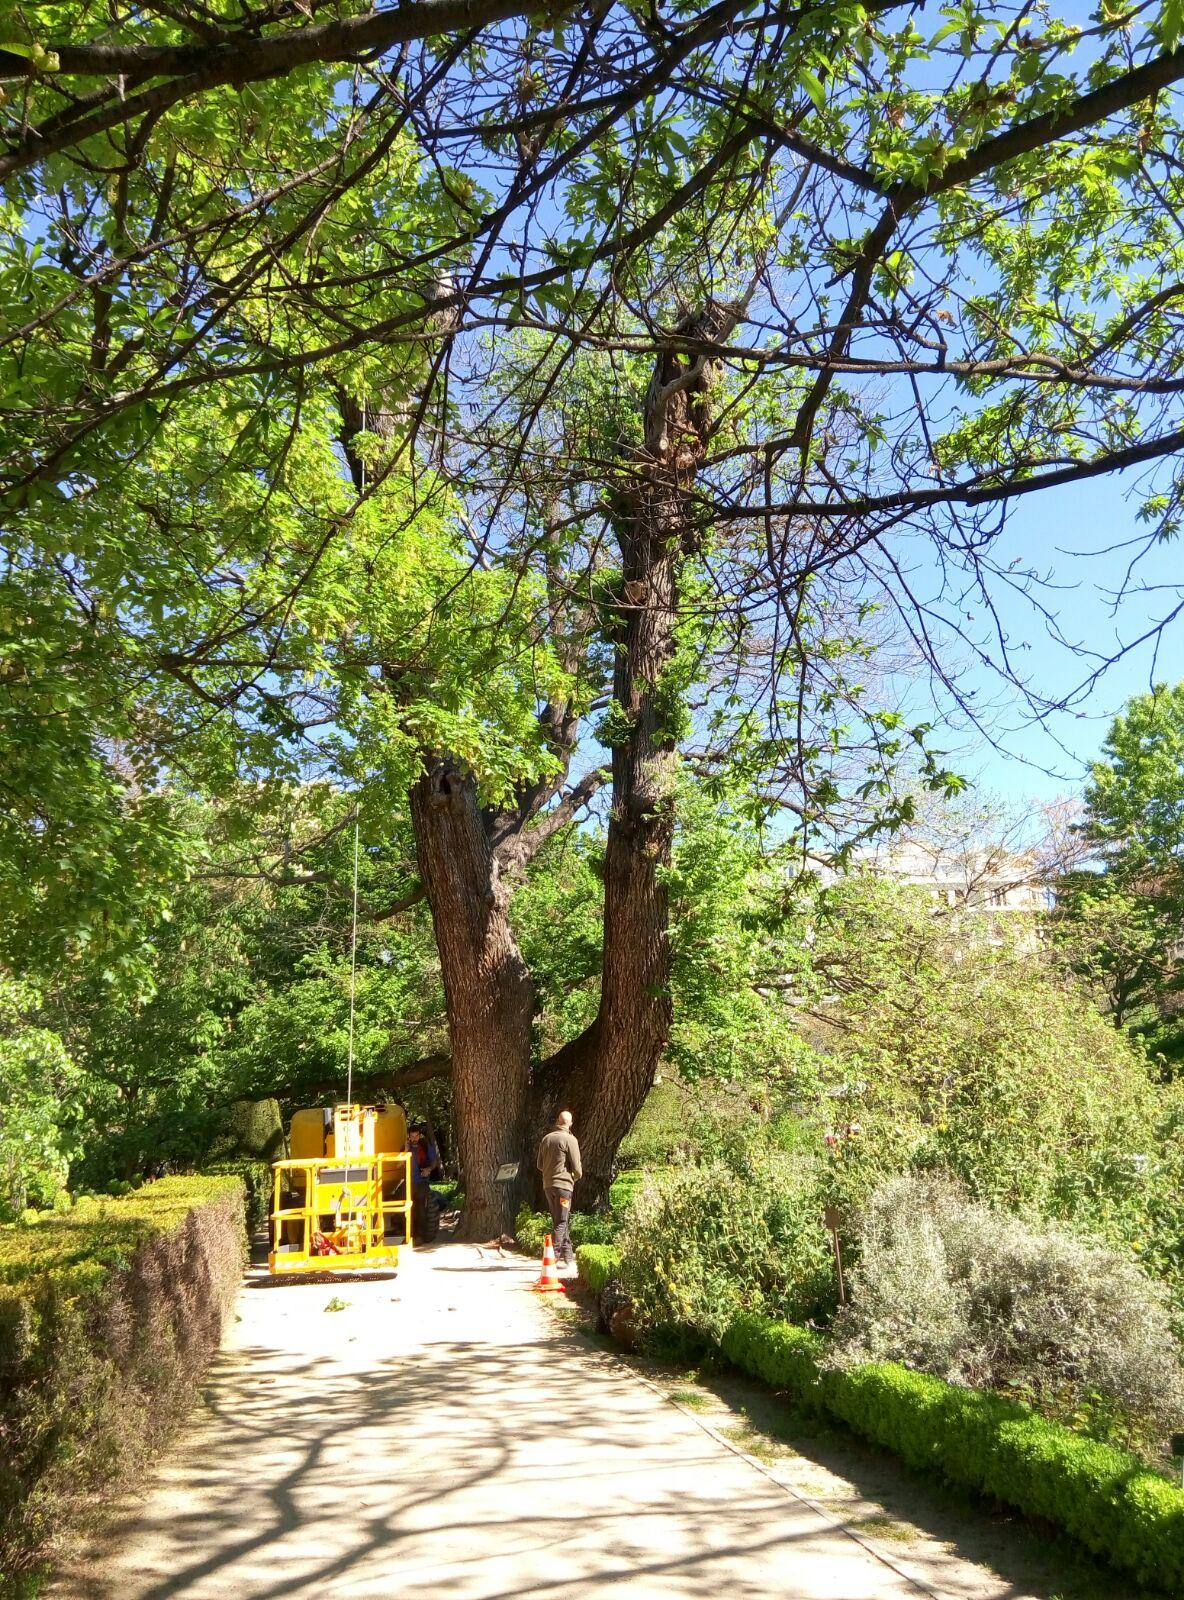 Ceip laura garc a noblejas visitamos el jard n bot nico for Ceip jardin botanico